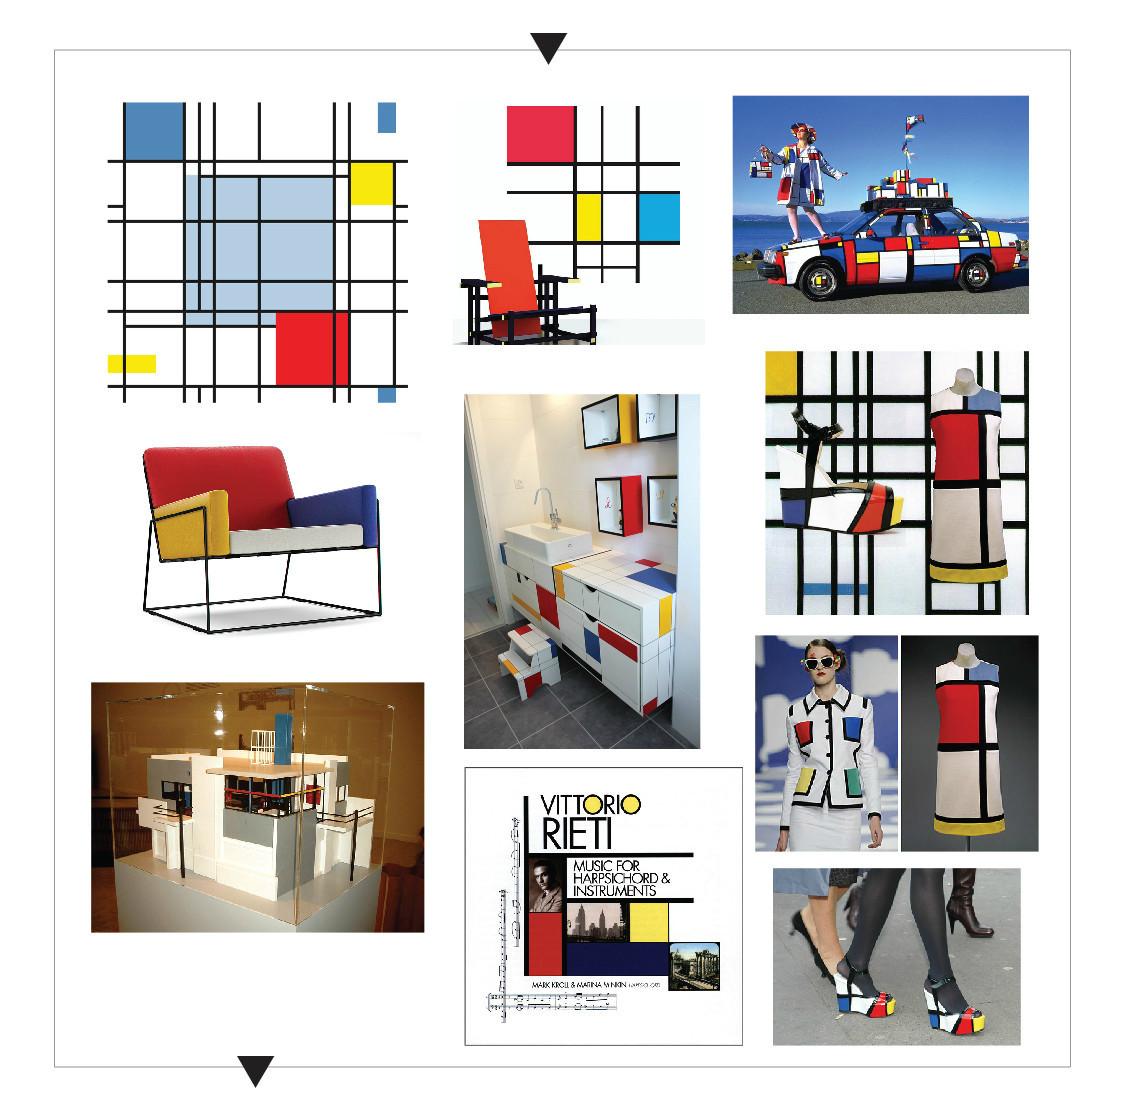 Theo van Doesburg 提奥凡杜斯堡 1883年 荷兰画家,建筑师,平面设计师,诗人 风格派领袖 创立风格派杂志De Stijl 的中心人物.蒙德里安Mondrian的朋友 ,对蒙德里安式水平分割(网格秩序)提出了对角线概念-动态的空间和时间概念.并以不同的意见创立了更具包容性的 Elementarism .这种包容性影响了后续的大多数艺术运动和门派.风格派对时间和运动上的对角概念对建筑空间和家俱,音乐.雕塑,绘画,平面设计上打开了一个潘多拉的魔盒.一个可以看见秘密的窗口. 网格+动态犹如宇